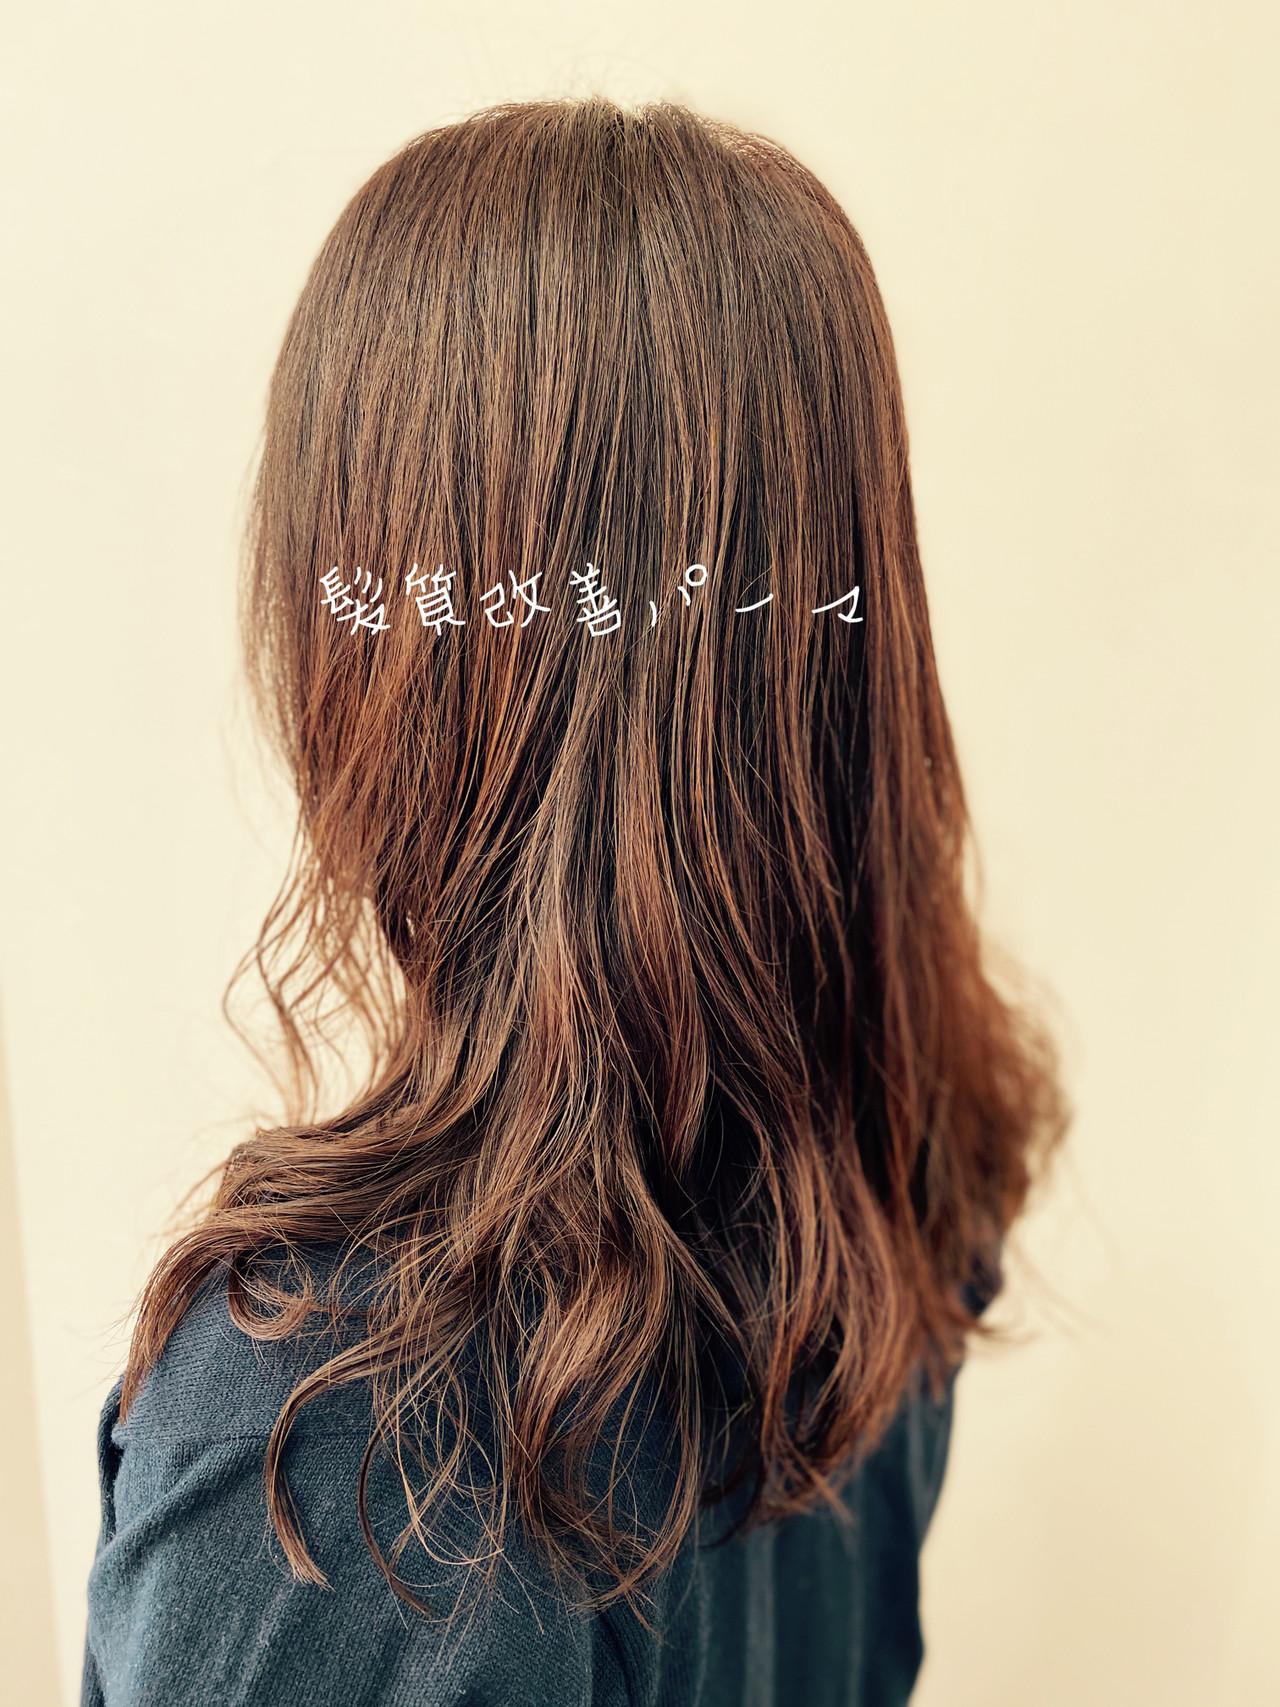 デジタルパーマ セミロング エレガント ゆるふわパーマ ヘアスタイルや髪型の写真・画像